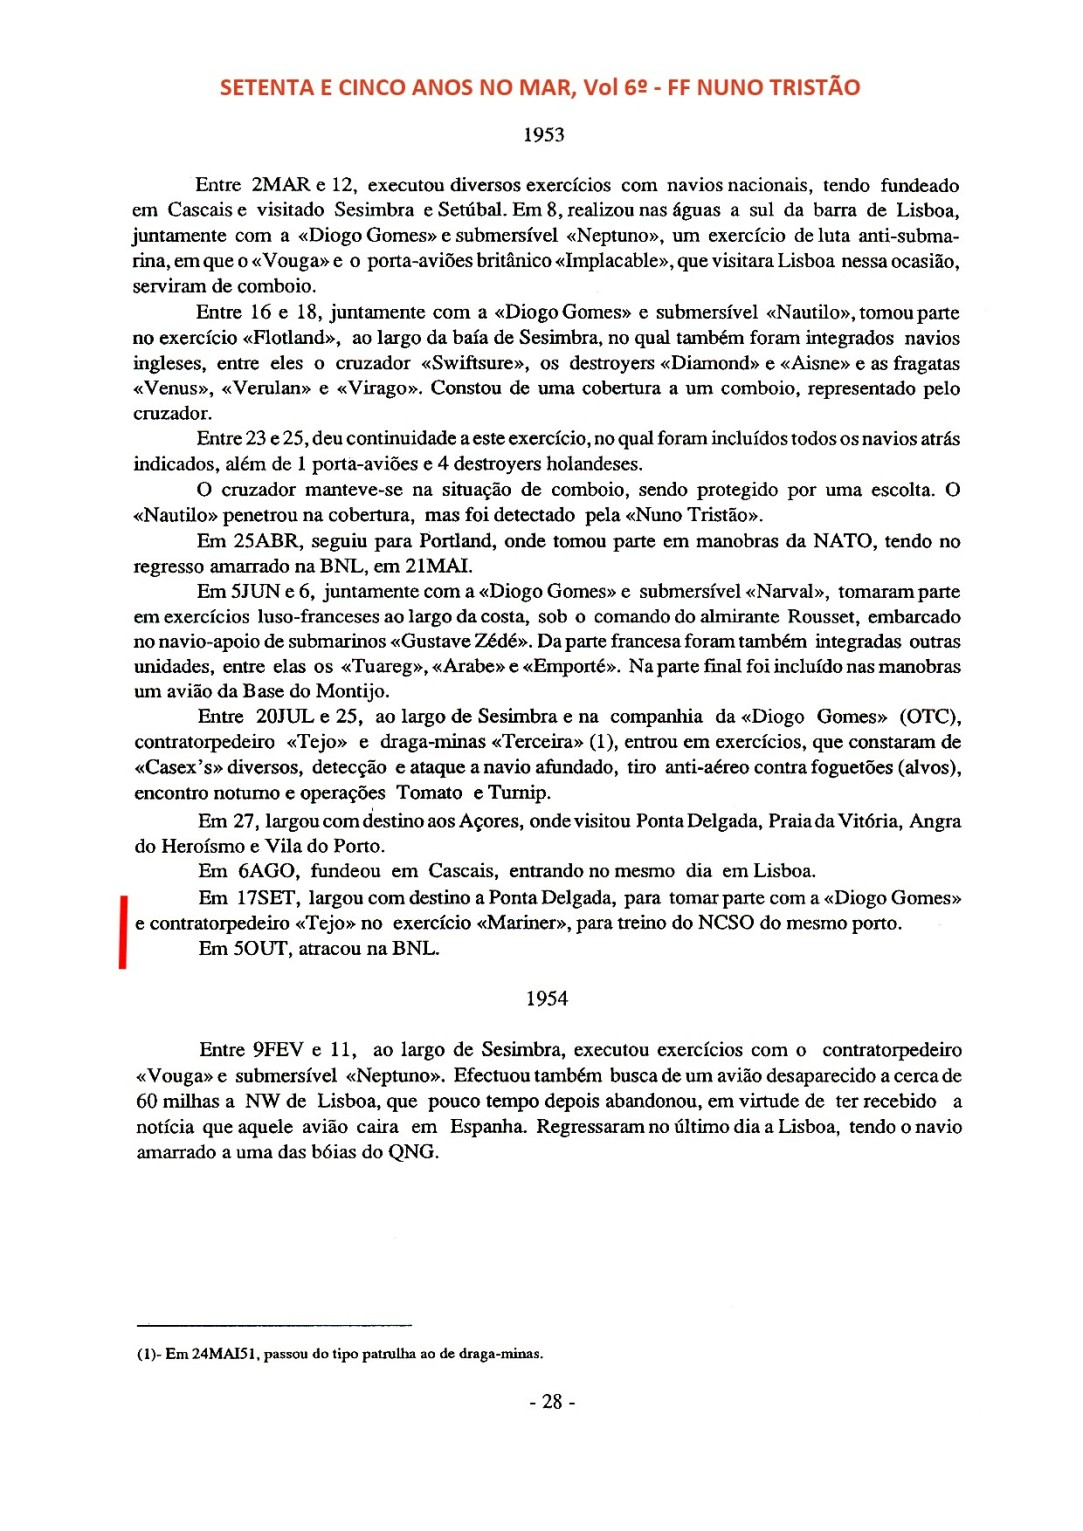 00266 em diligência na FF Nuno Tristão para exercícios nos Açores-Setenta e Cinco Anos no Mar